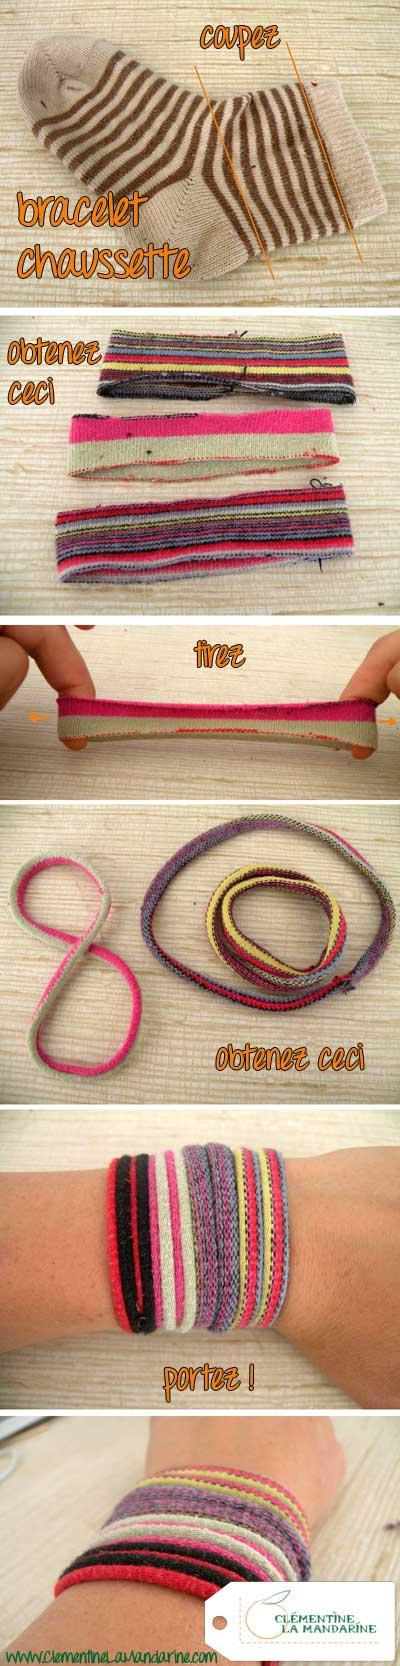 bracelet chaussette